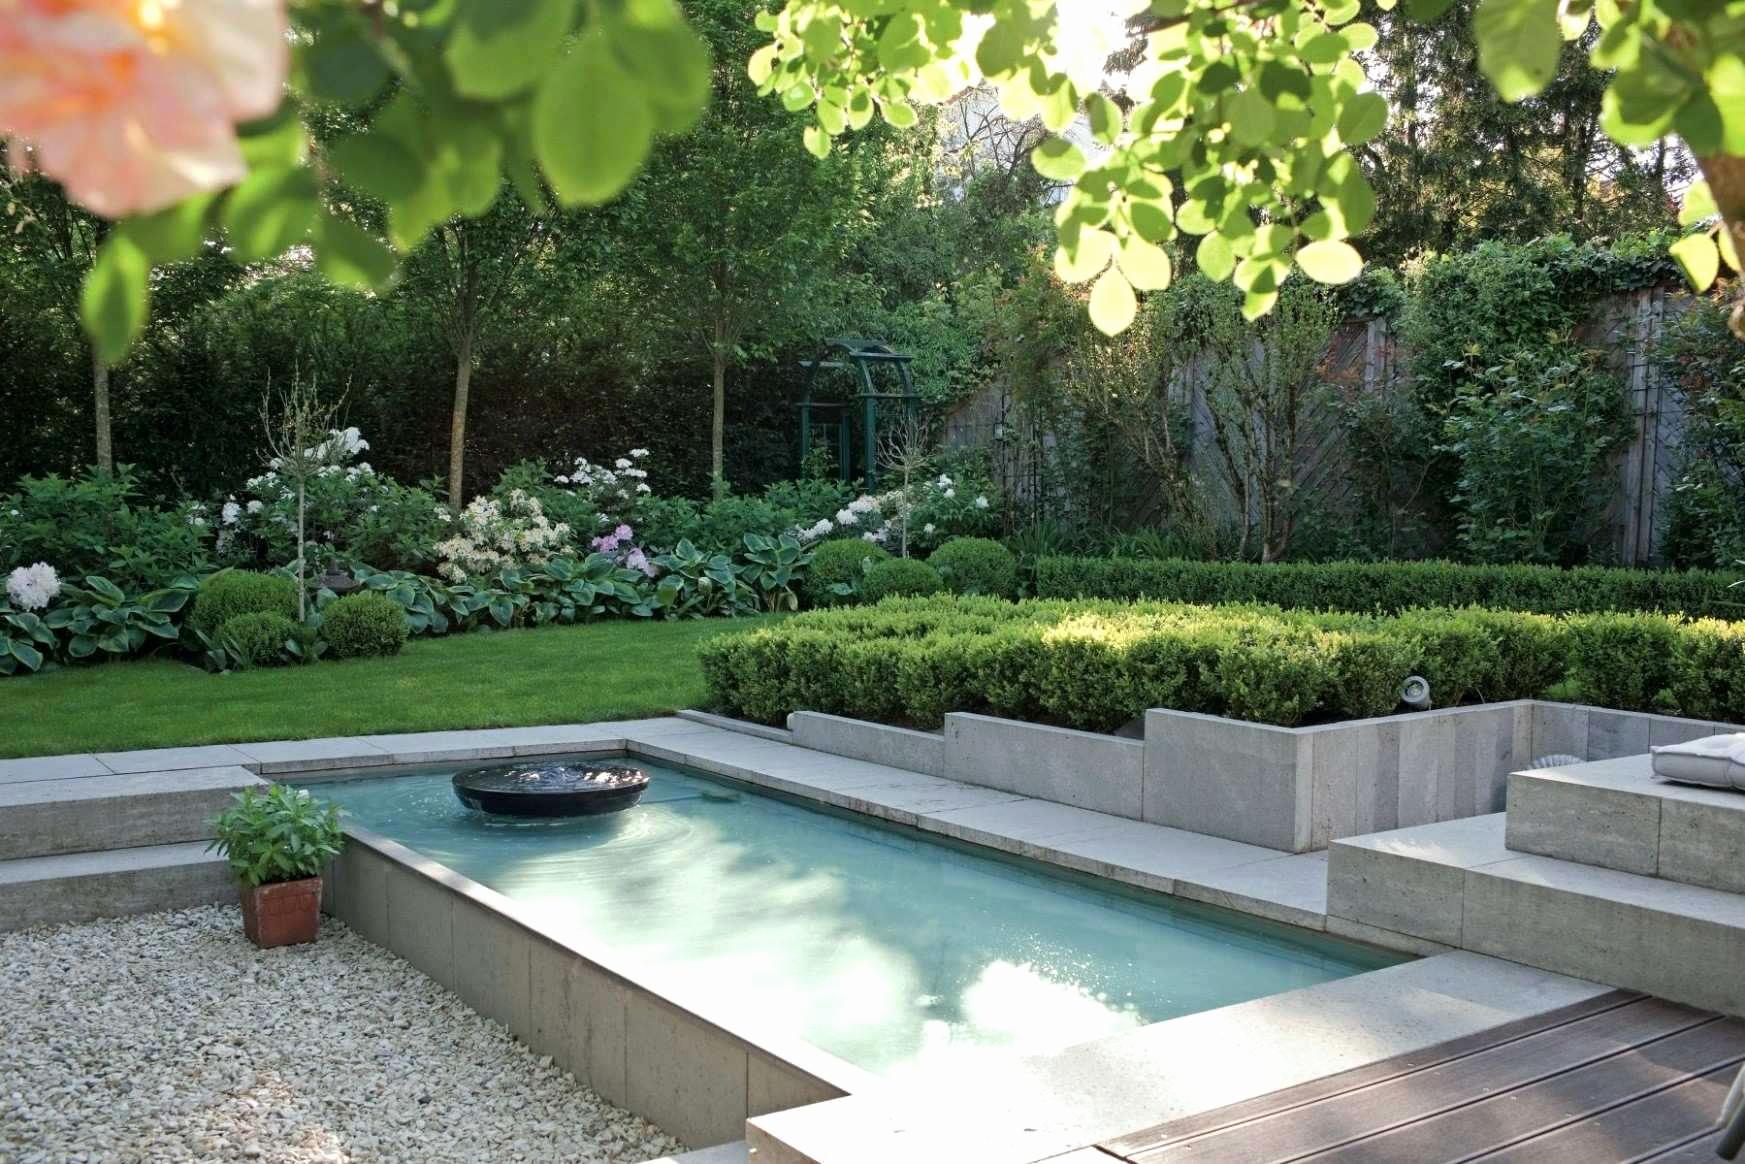 stone garden ideas luxury natursteine garten das beste von ruine garten gartenmauer gestalten of stone garden ideas